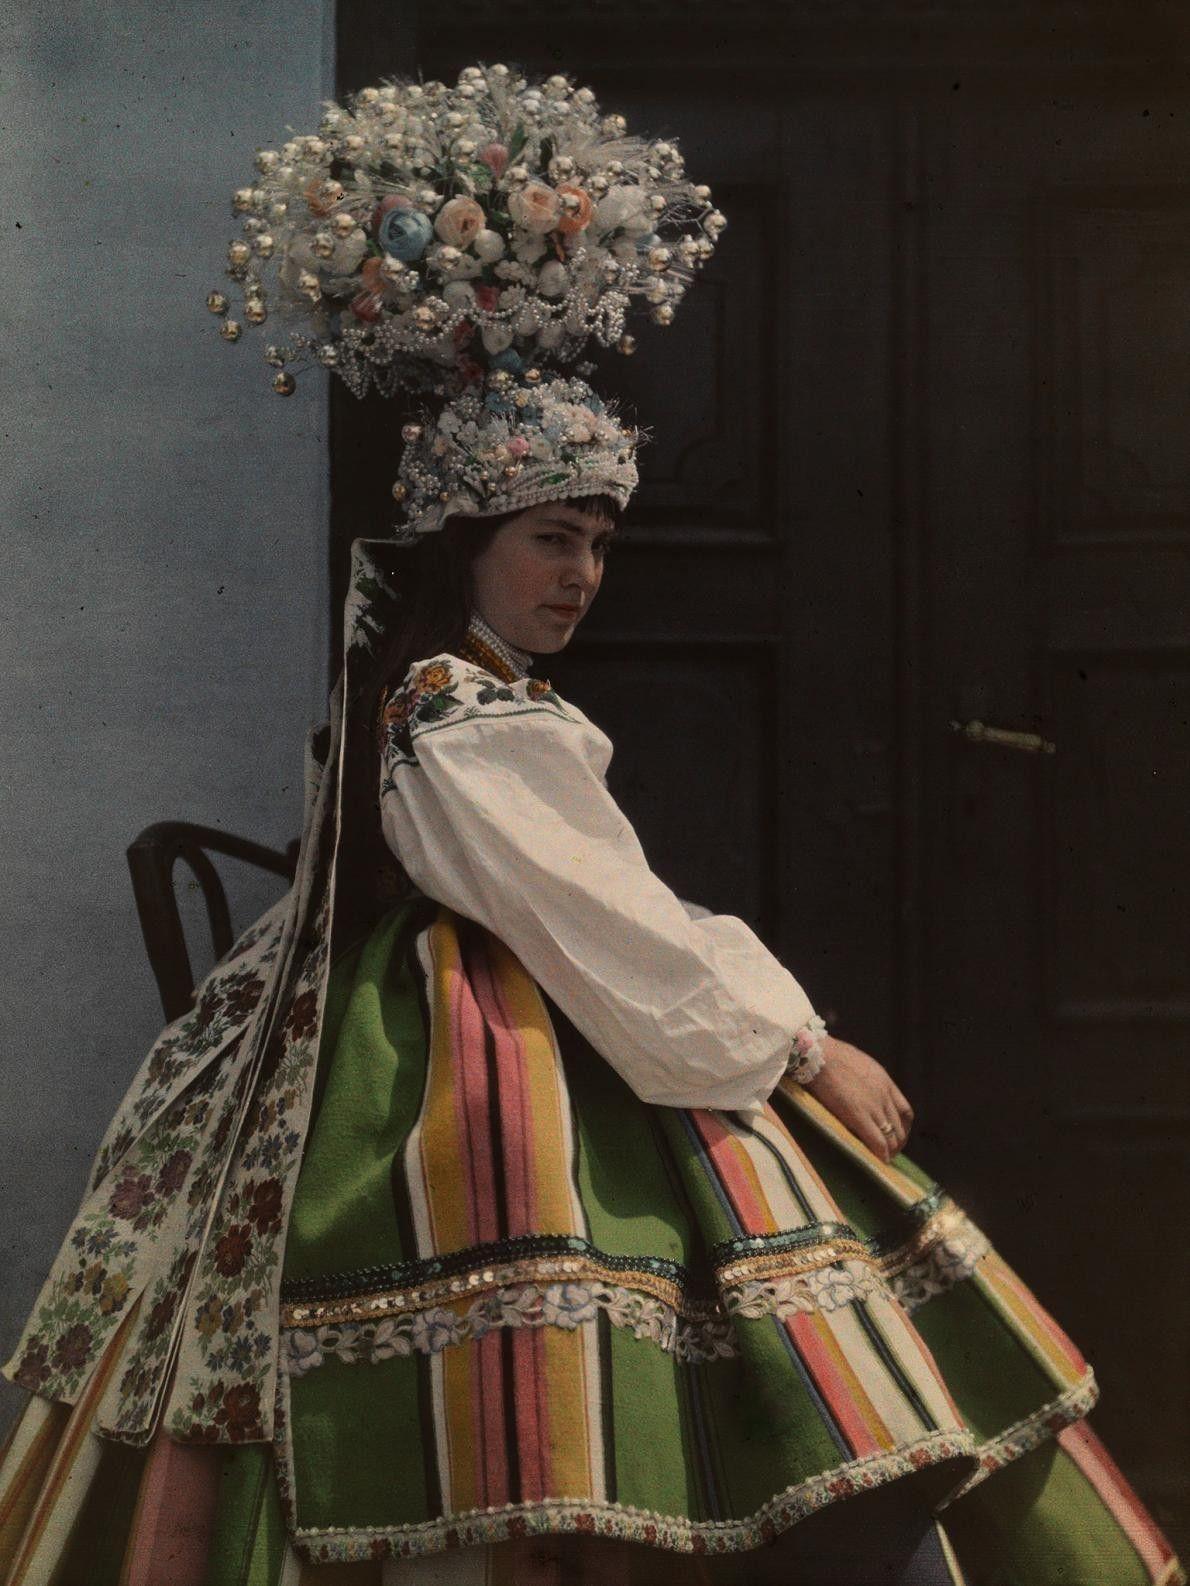 Noiva vestida de acordo com a tradição polonesa. Polônia, 1930